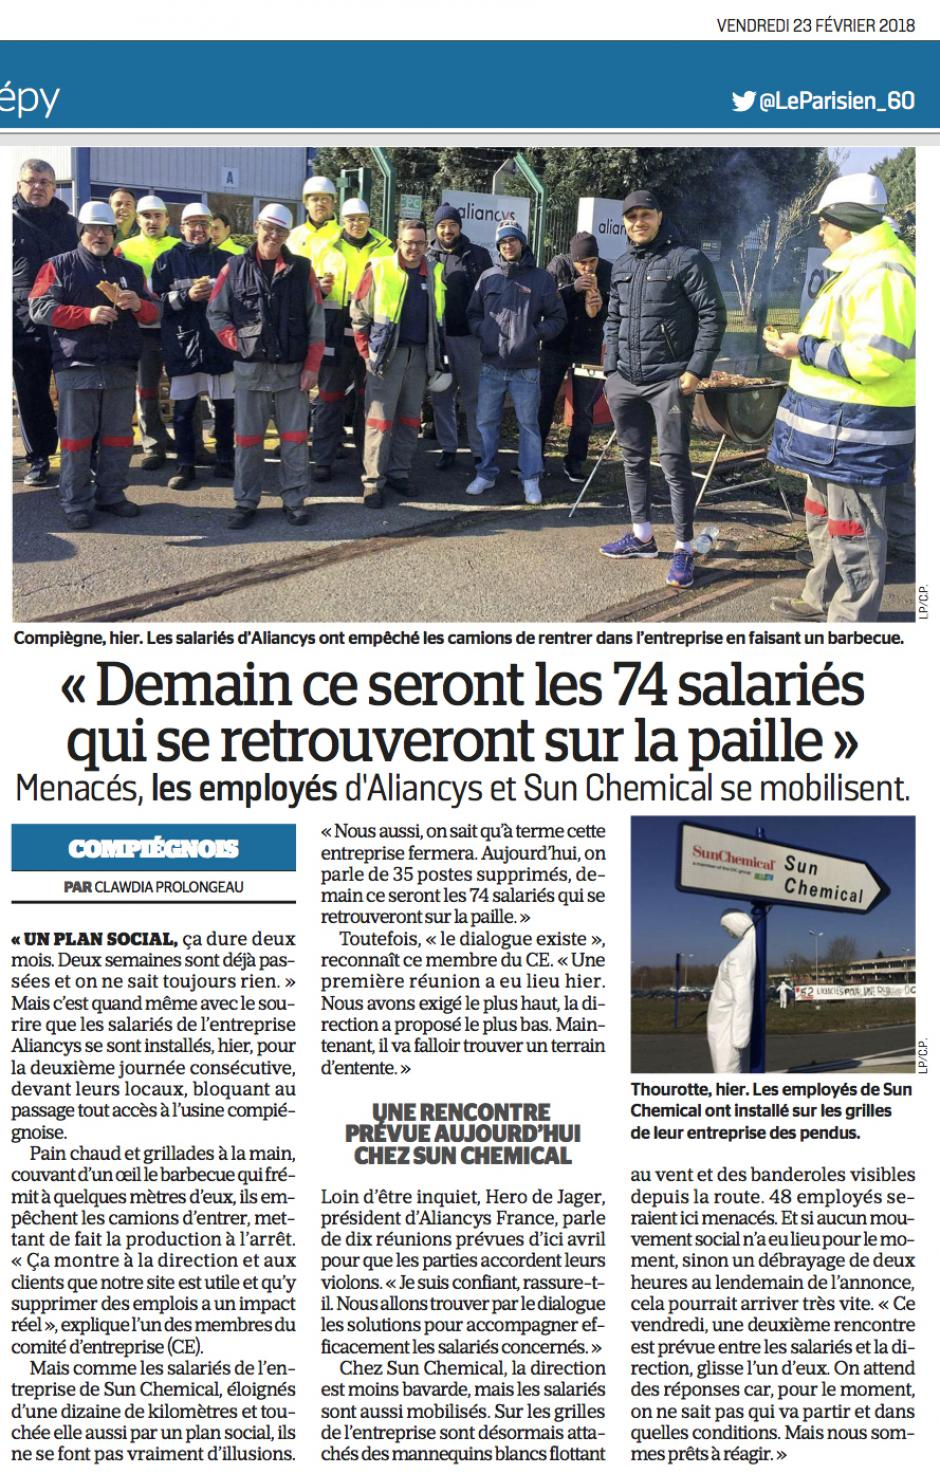 20180223-LeP-Compiègne-Thourotte-Menacés, les employés d'Aliancys et Sun Chemical se mobilisent